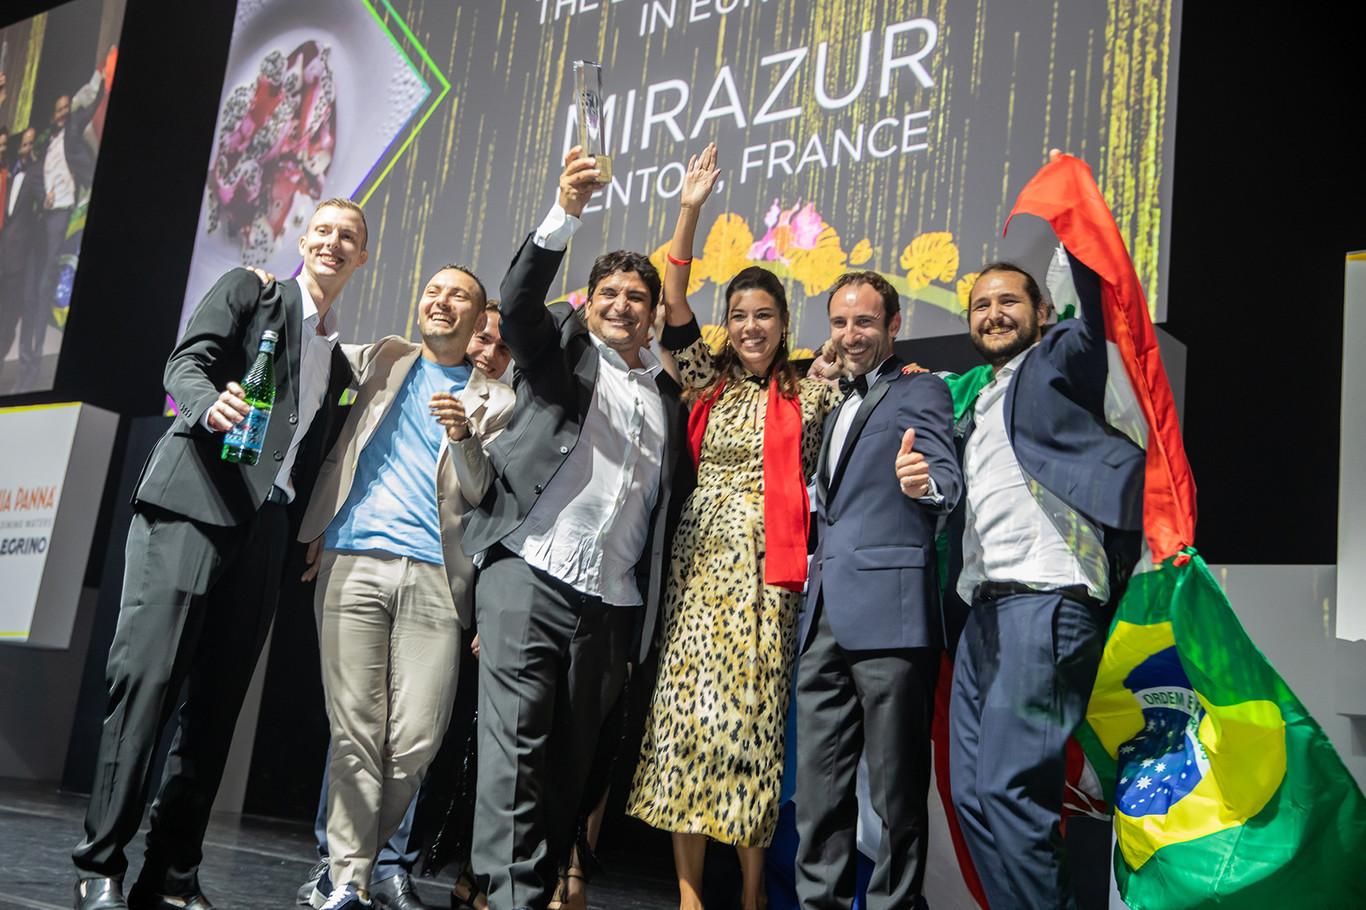 Mirazur de París es el mejor restaurante del mundo, Asador Etxebarri hace podio en la tercera posición